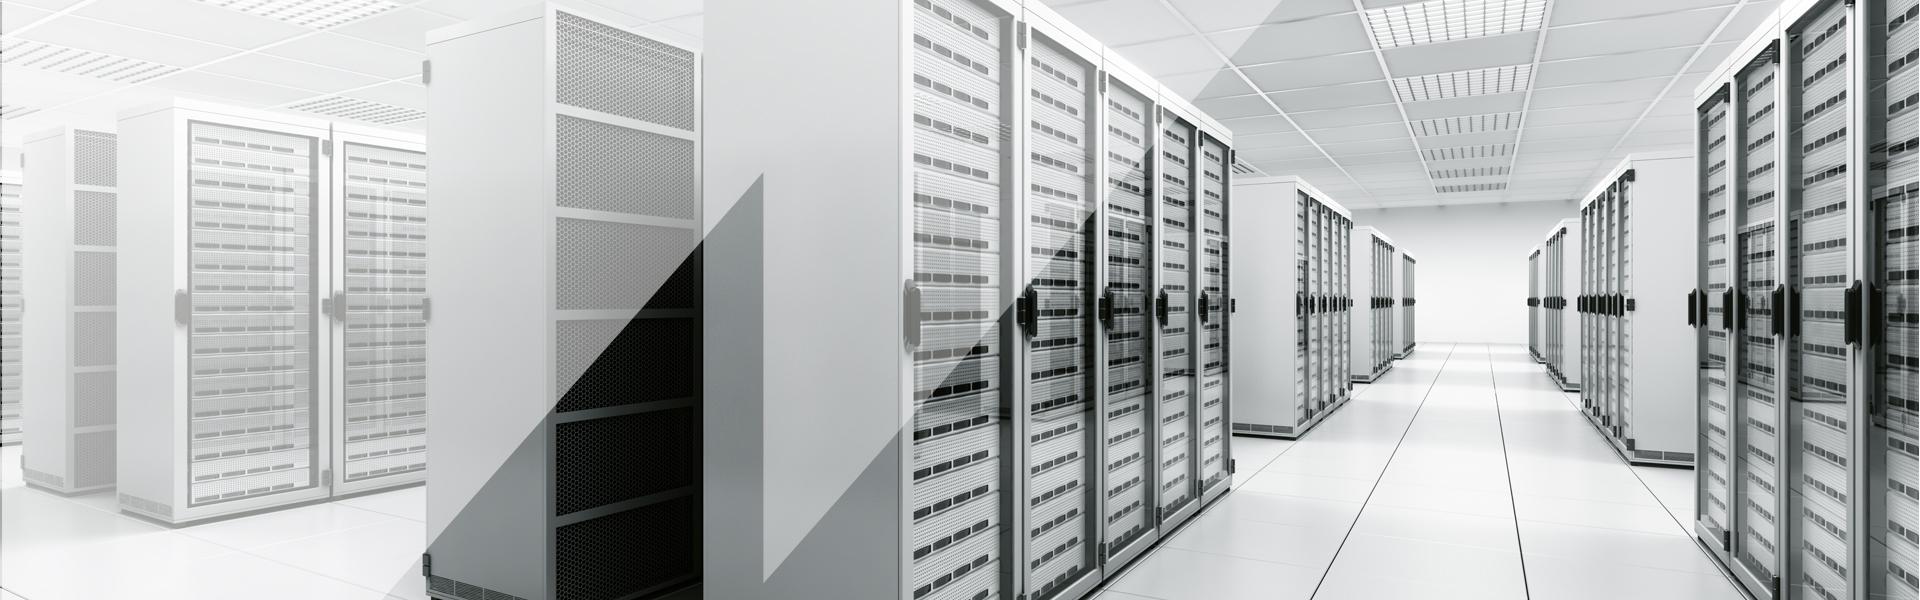 datacenters_wm